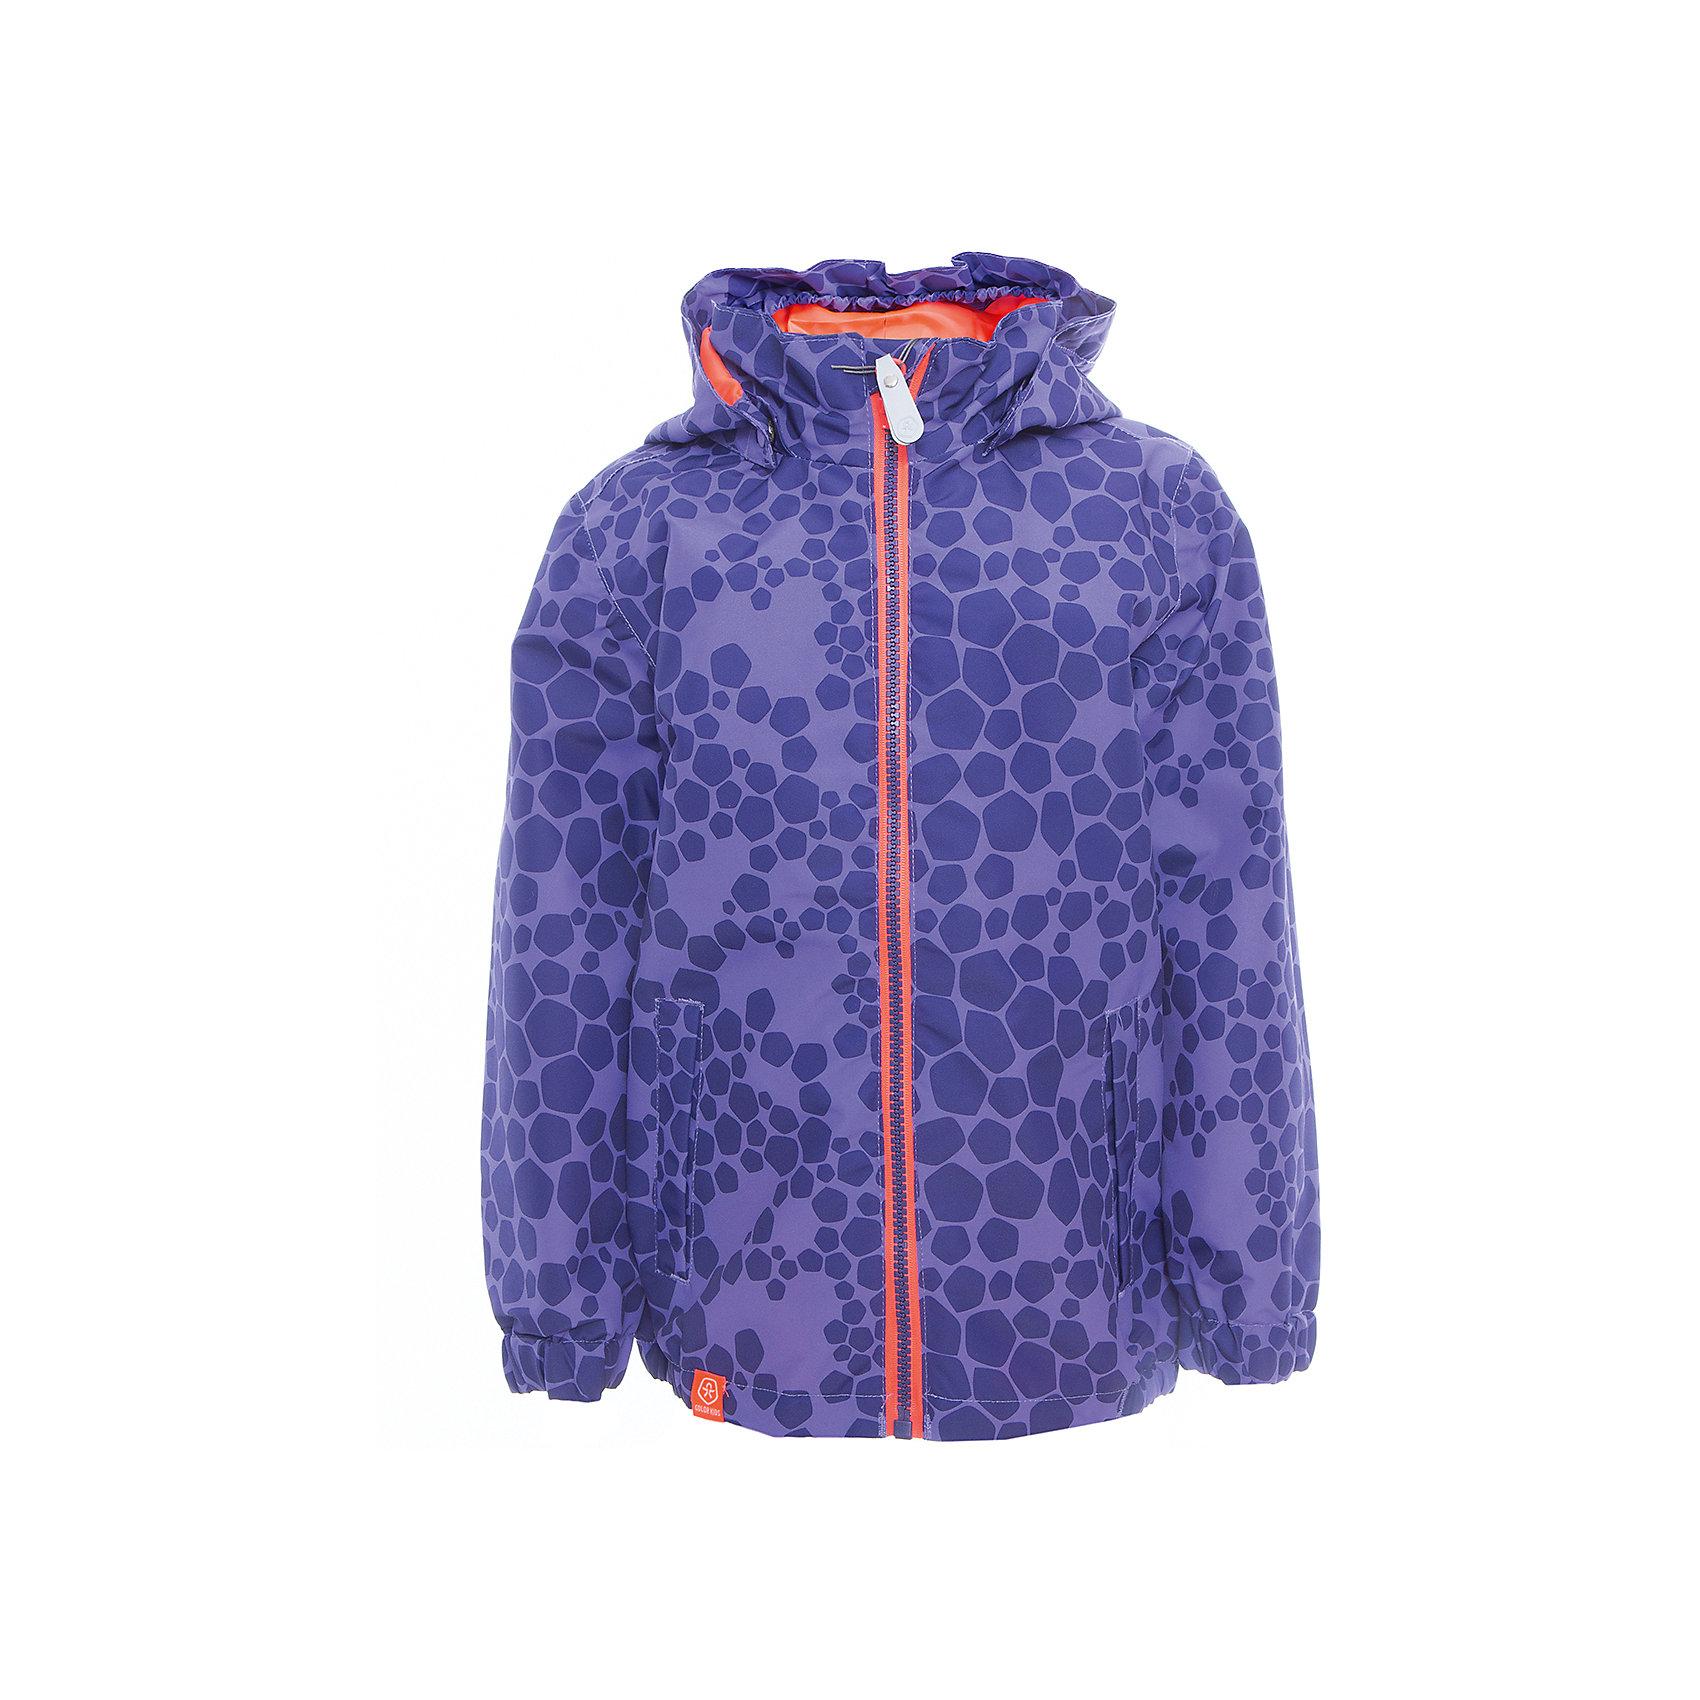 Ветровка для девочки Color KidsВерхняя одежда<br>Характеристики товара:<br><br>• цвет: фиолетовый<br>• состав: 100 % полиэстер, таслан<br>• подкладка: 100 % полиэфир, тафетта<br>• без утеплителя<br>• температурный режим: +10 С° до +20 С°<br>• мембранная технология<br>• водонепроницаемость: 3000 мм<br>• воздухопроницаемость: 3000 мм<br>• пропитка BIONIC-FINISH® ECO не содержащая фтора, парафина и формальдегида (дополнительная защита от грязи)<br>• проклеенные швы<br>• утяжка по низу куртки<br>• светоотражающие детали<br>• швы проклеены<br>• съемный капюшон<br>• защита подбородка<br>• два кармана на молнии<br>• логотип<br>• страна бренда: Дания<br><br>Эта симпатичная и удобная куртка сделана из непромокаемого легкого материала, поэтому отлично подойдет для дождливой погоды в межсезонье. Она комфортно сидит и обеспечивает ребенку необходимое удобство. Очень стильно смотрится.<br><br>Ветровку для мальчика от датского бренда Color Kids (Колор кидз) можно купить в нашем интернет-магазине.<br><br>Ширина мм: 356<br>Глубина мм: 10<br>Высота мм: 245<br>Вес г: 519<br>Цвет: лиловый<br>Возраст от месяцев: 24<br>Возраст до месяцев: 36<br>Пол: Женский<br>Возраст: Детский<br>Размер: 98,104,110,116,122,128,140,152,92<br>SKU: 5443059